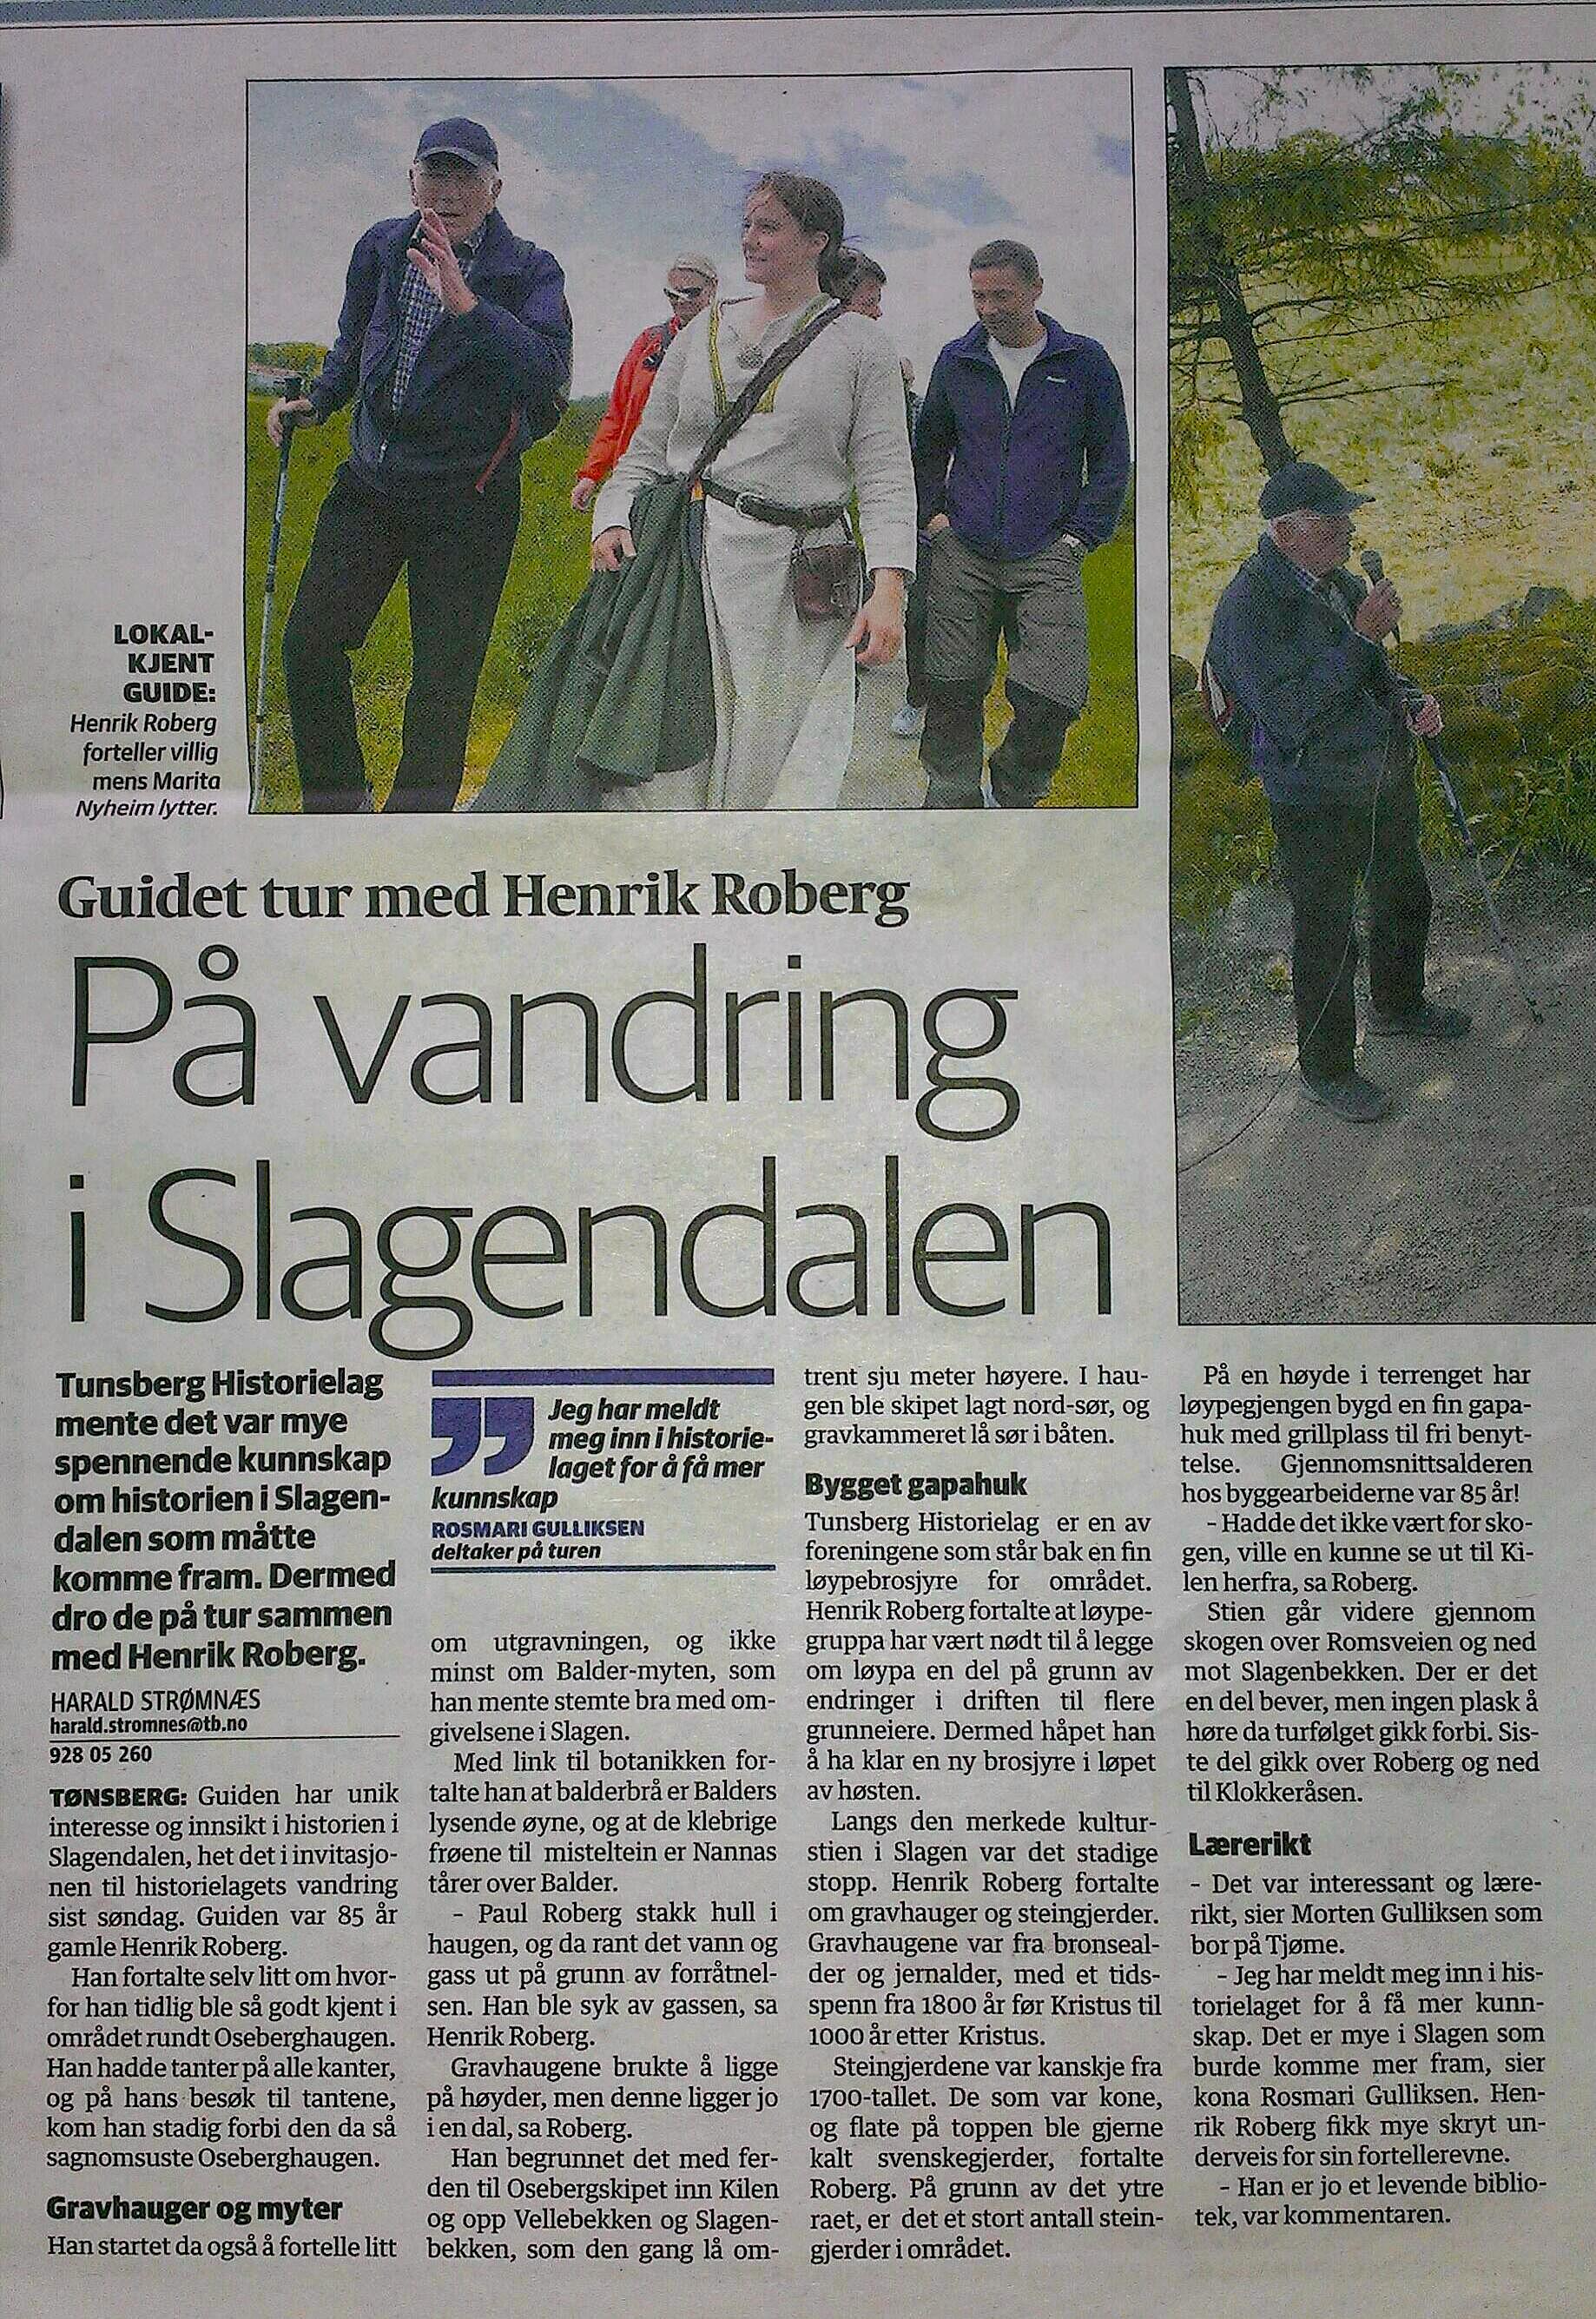 Bilde fra avisa Osebergstien red.